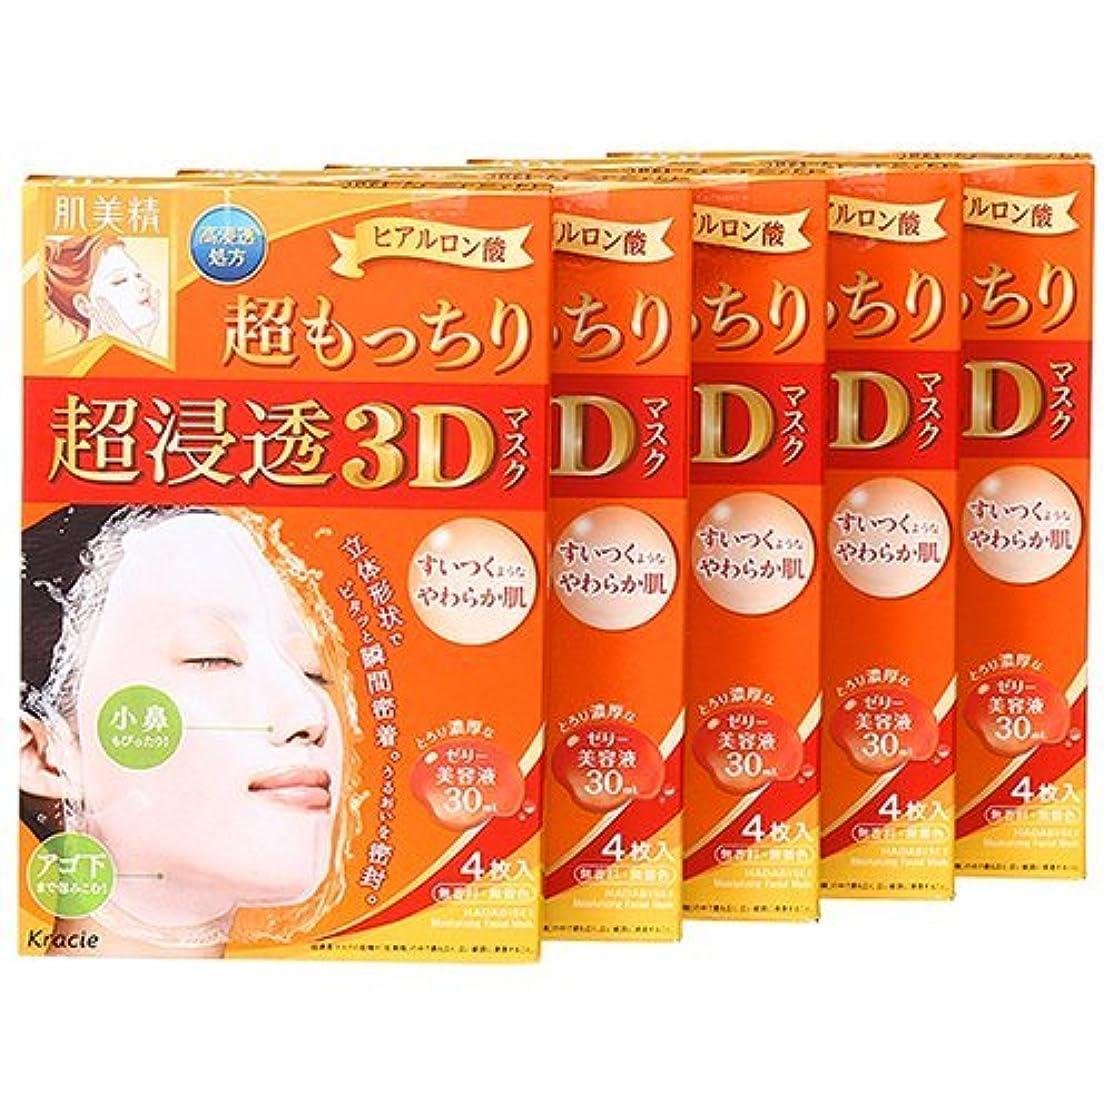 学期メーター一緒にクラシエホームプロダクツ 肌美精 超浸透3Dマスク 超もっちり 4枚入 (美容液30mL/1枚) 5点セット [並行輸入品]